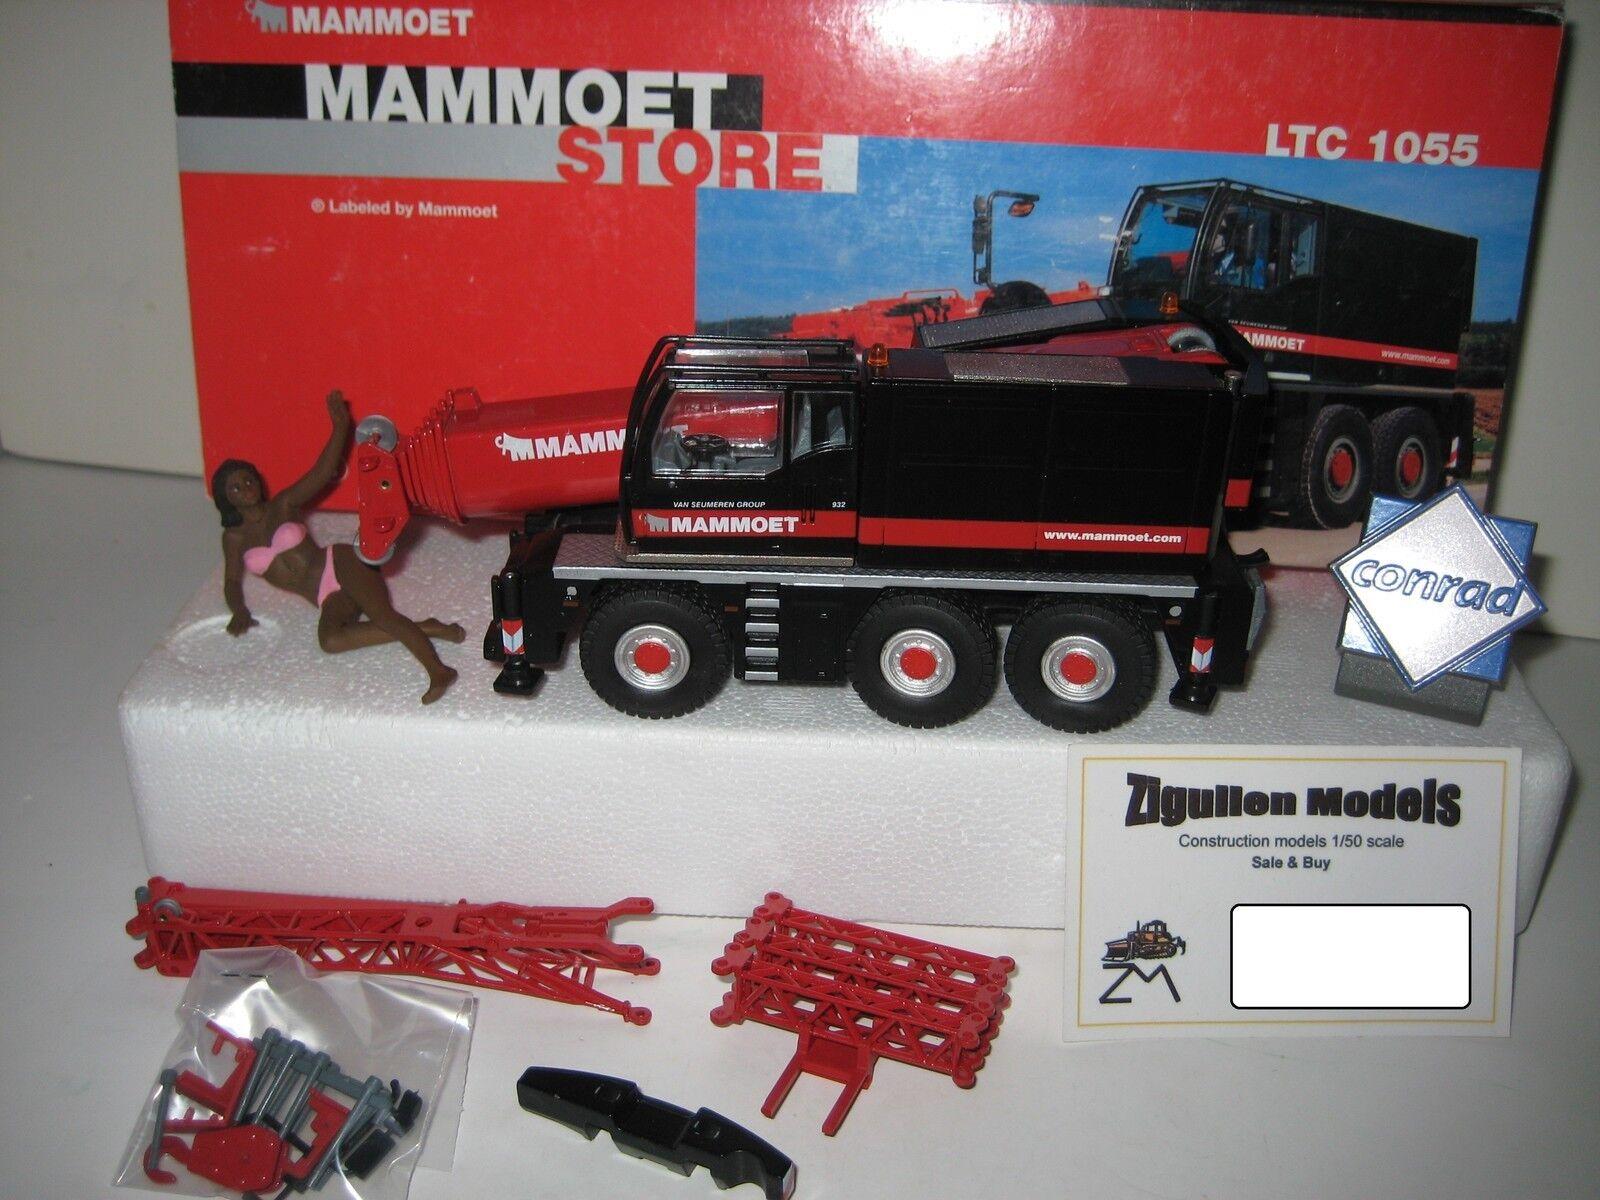 Liebherr Ltc 1055 Car Crane Mammoet  20100.1 Conrad 1 50 Boxed